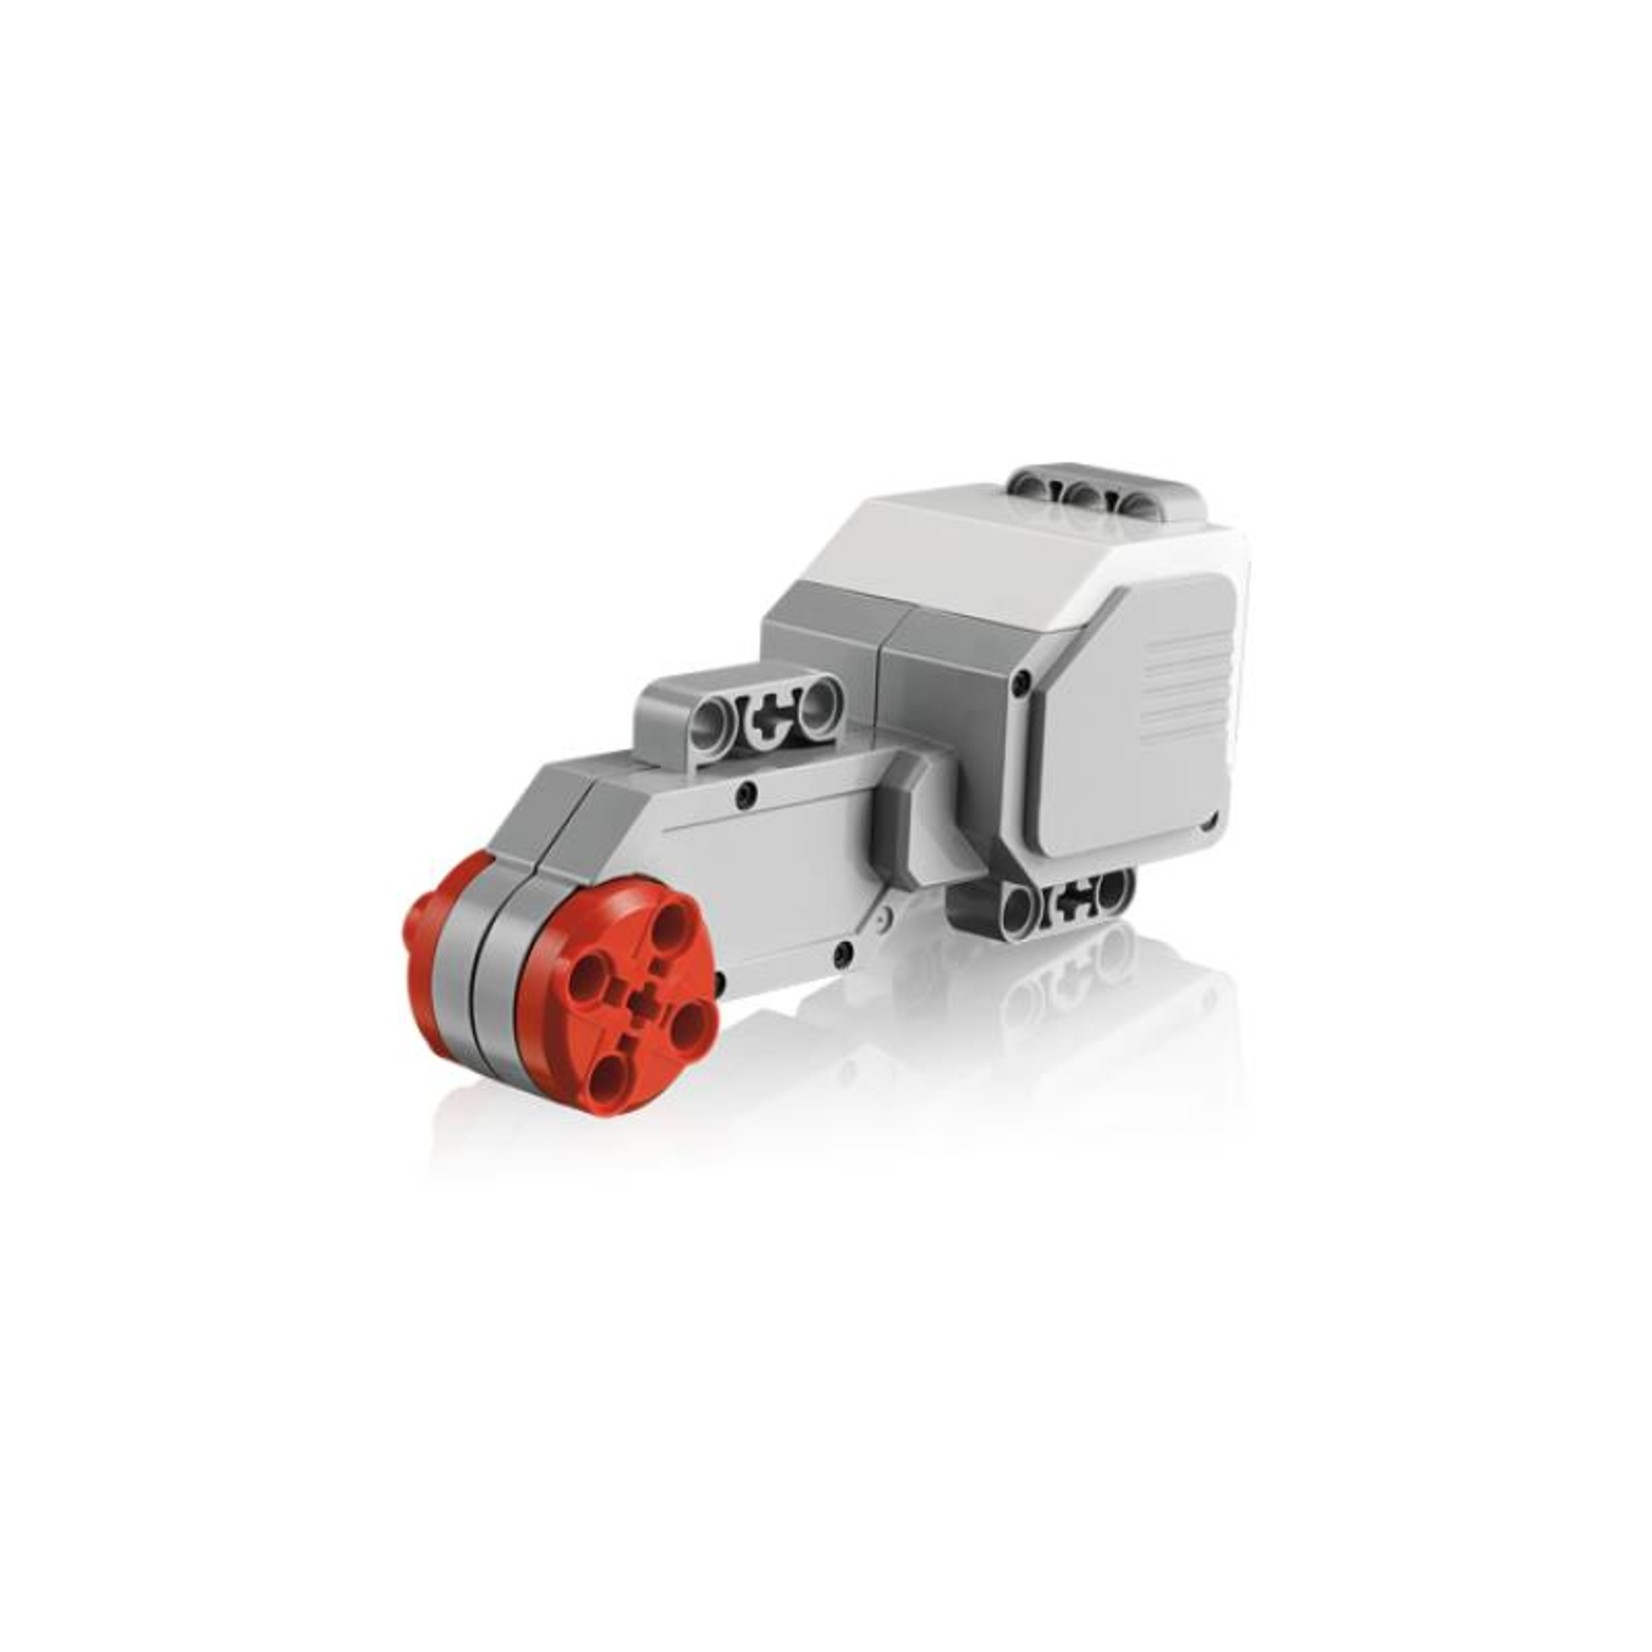 LEGO® Education EV3 Large Servo Motor